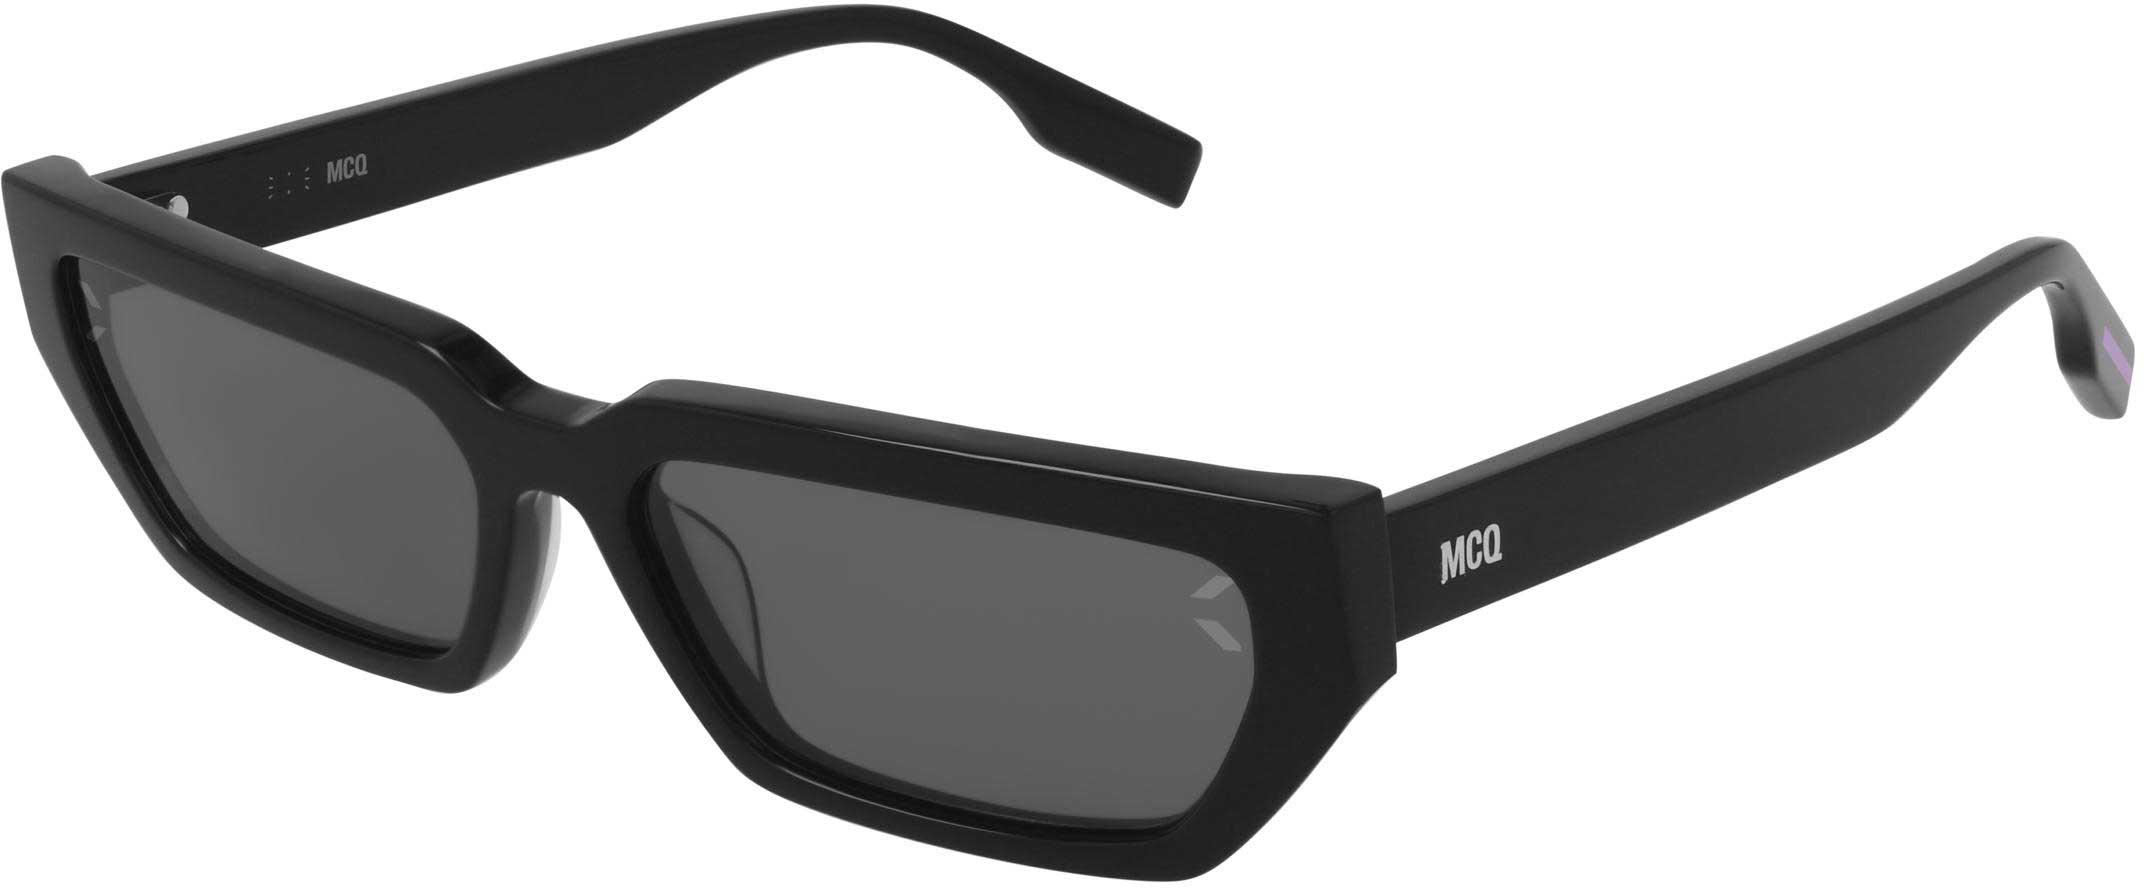 McQ MQ0302S-001-56   889652331461